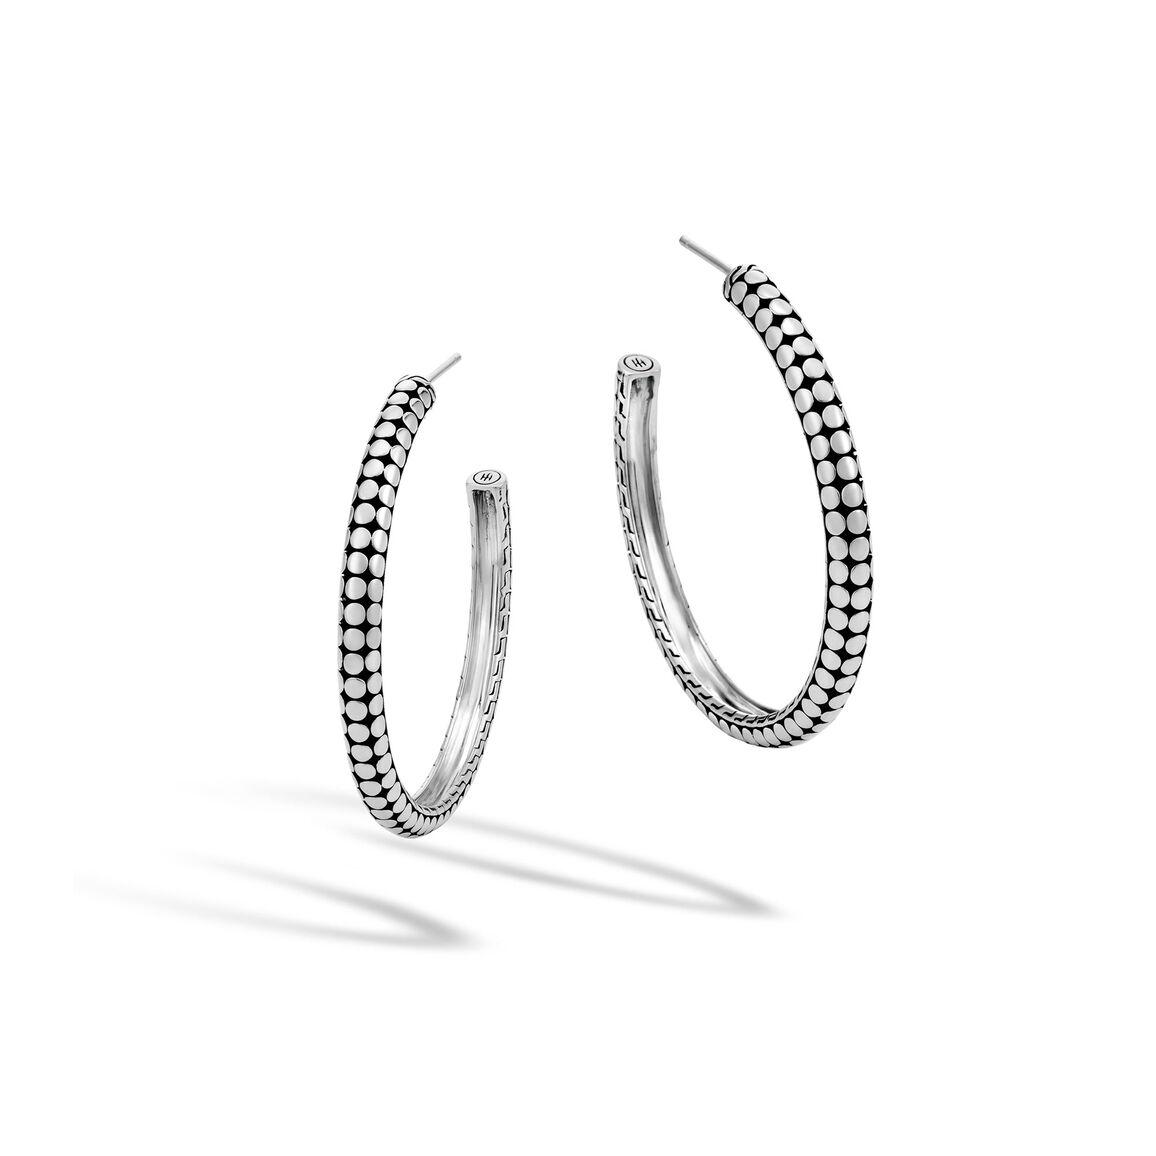 Dot Small Hoop Earring in Silver